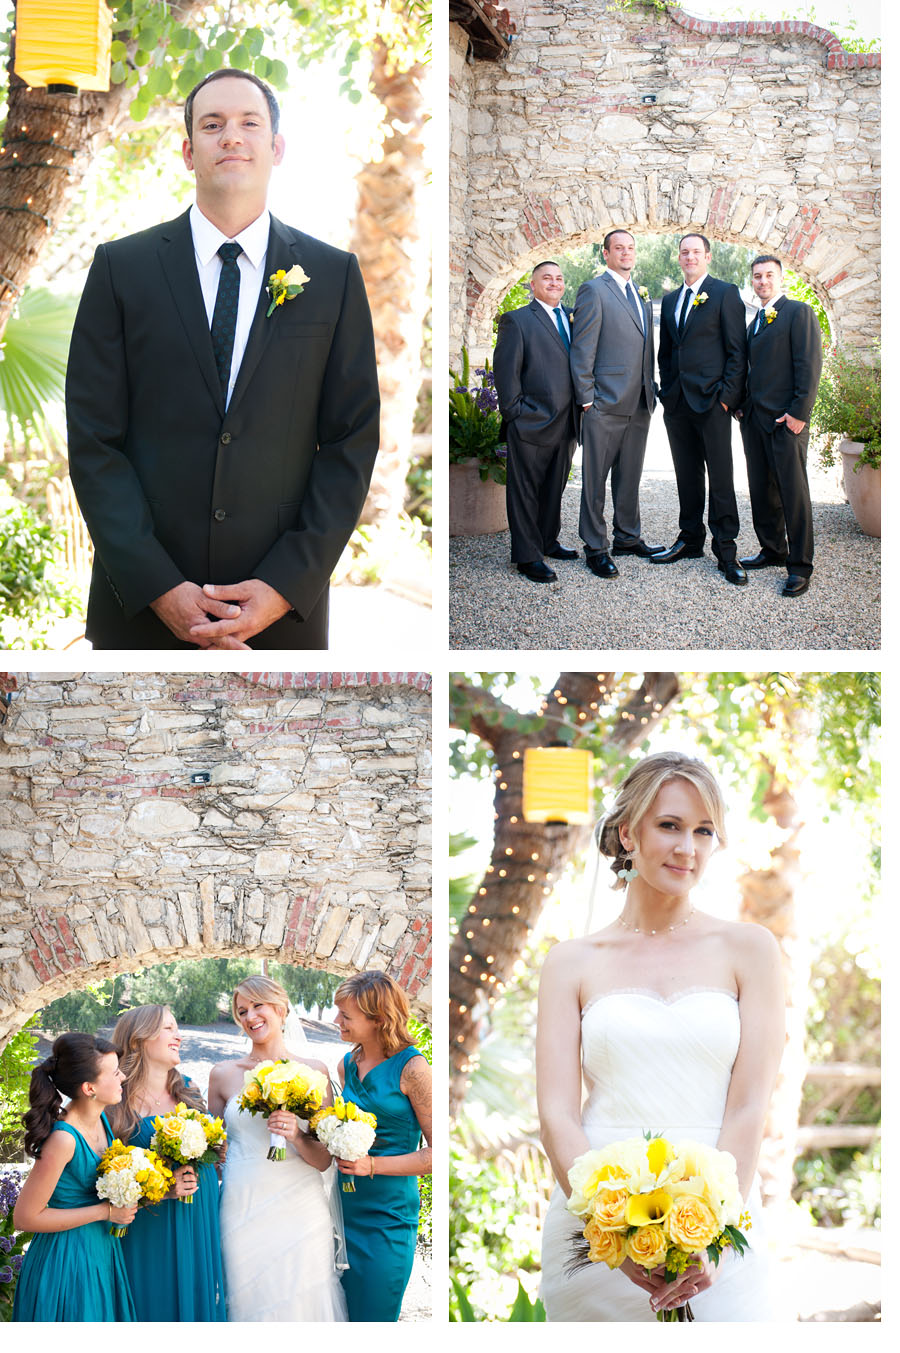 Shawn and Christina Wedding by Paola Nazati Photography